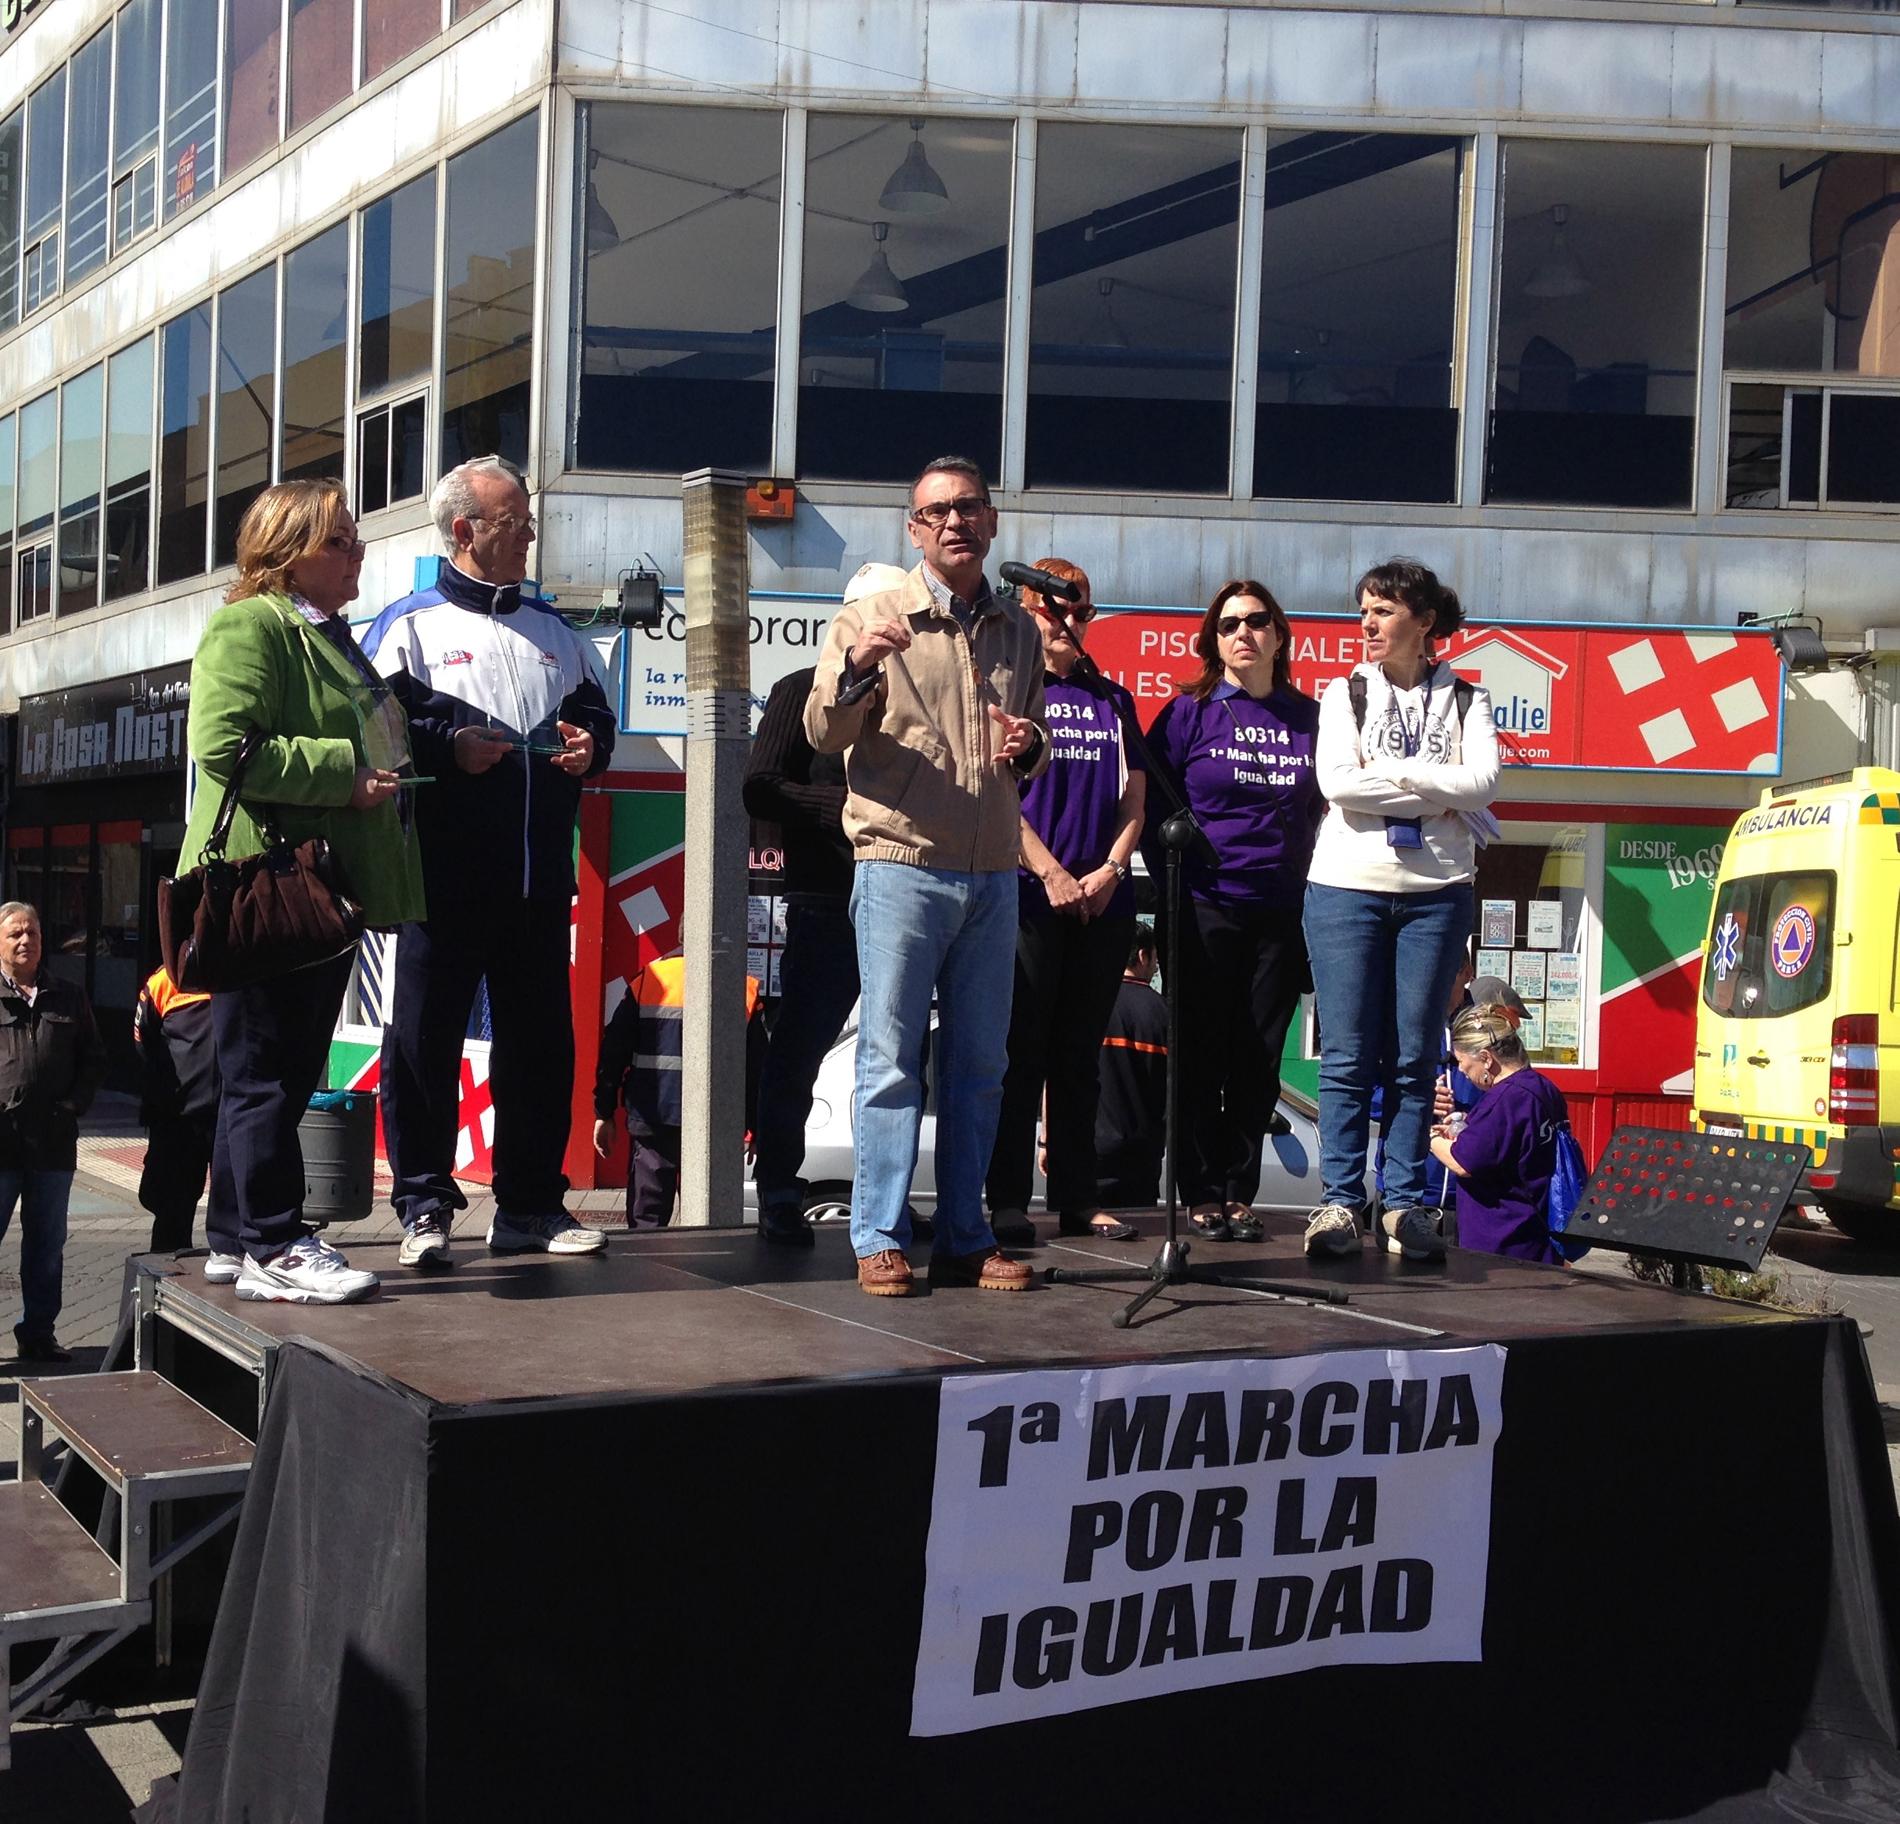 Manifiesto del alcalde tras la Marcha por la Igualdad de Parla